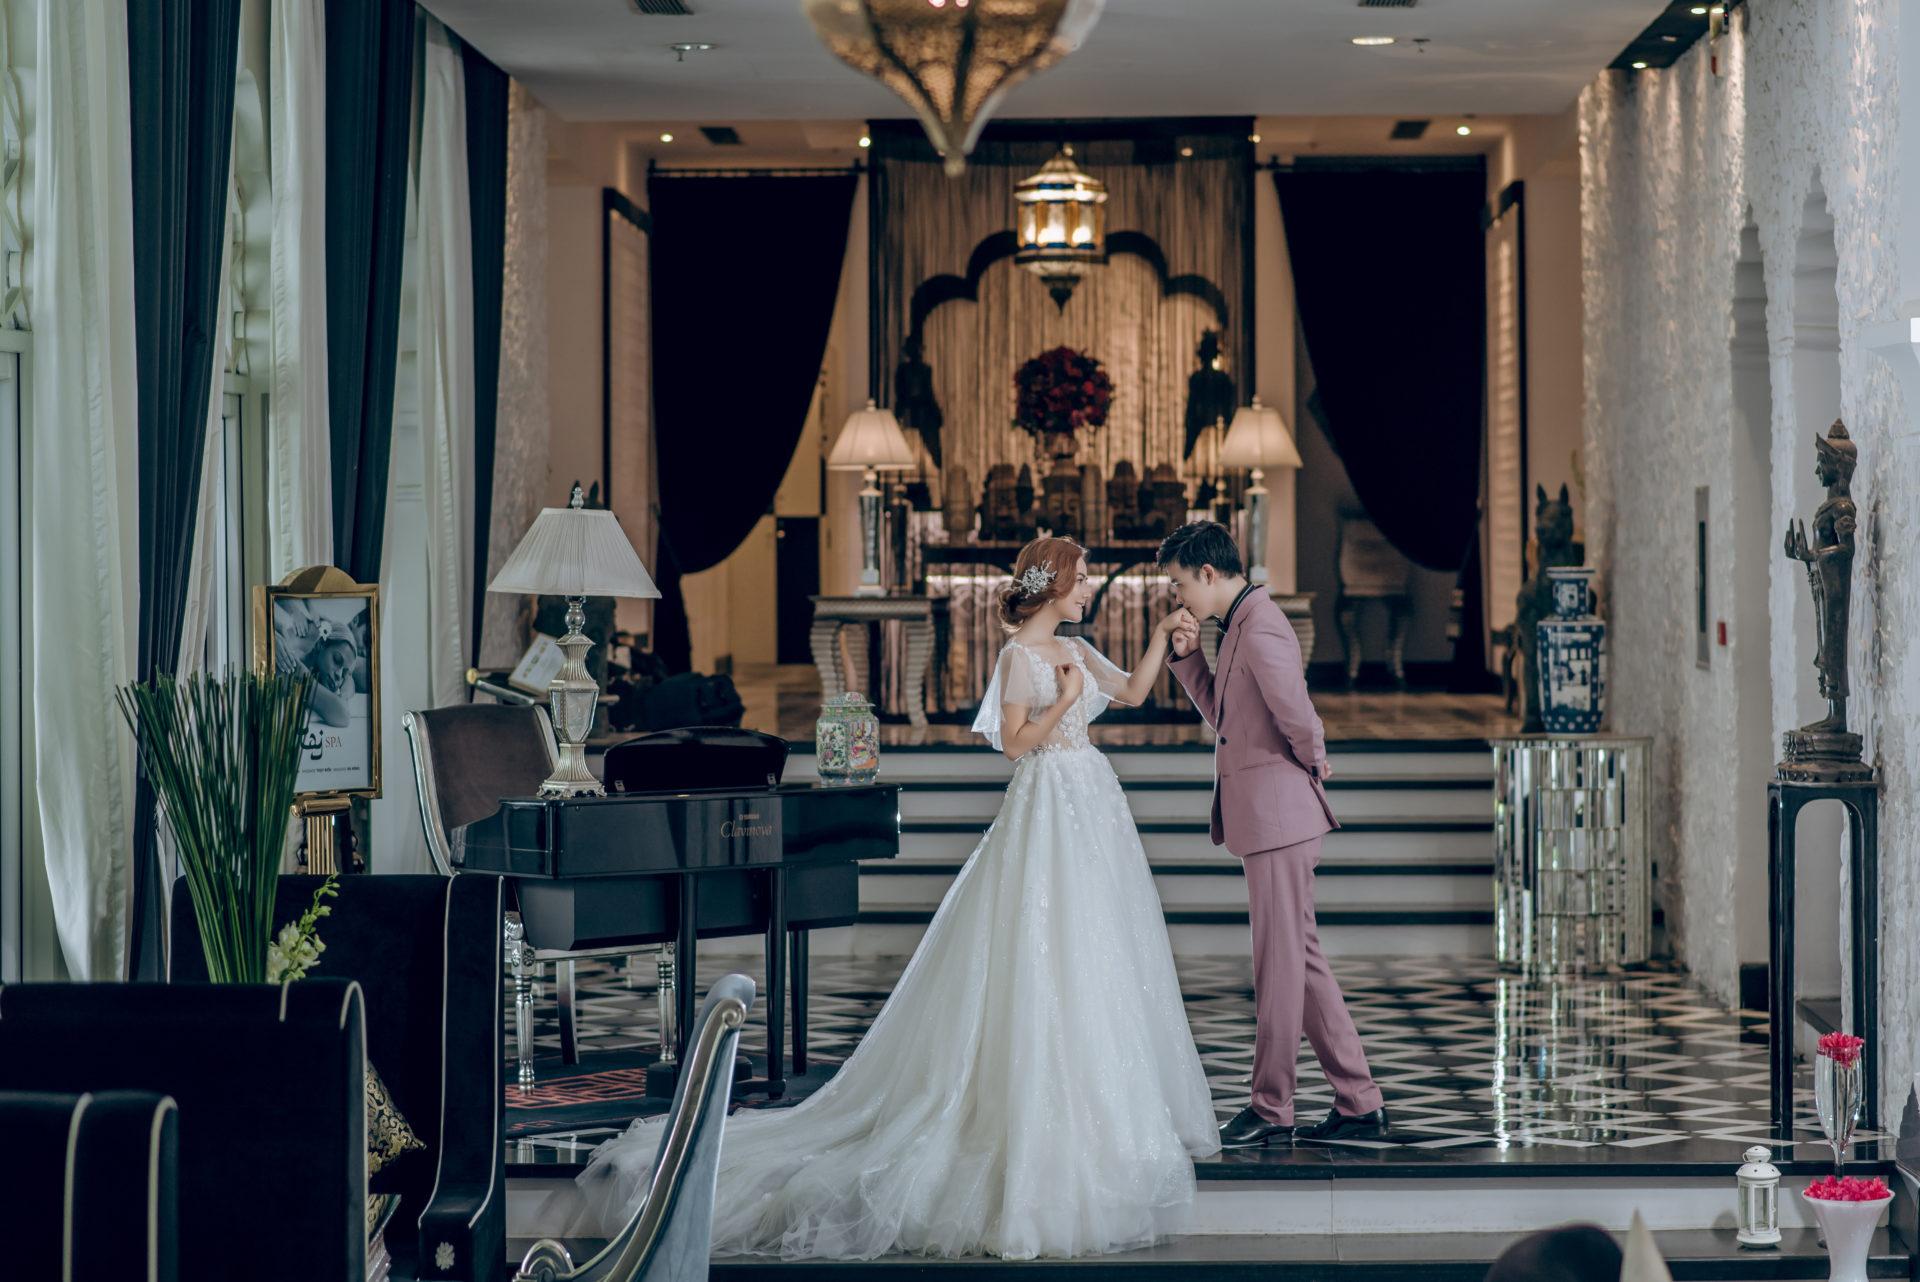 Album tại Tajmasago – Album chụp hình cưới đẹp Đức & Vy